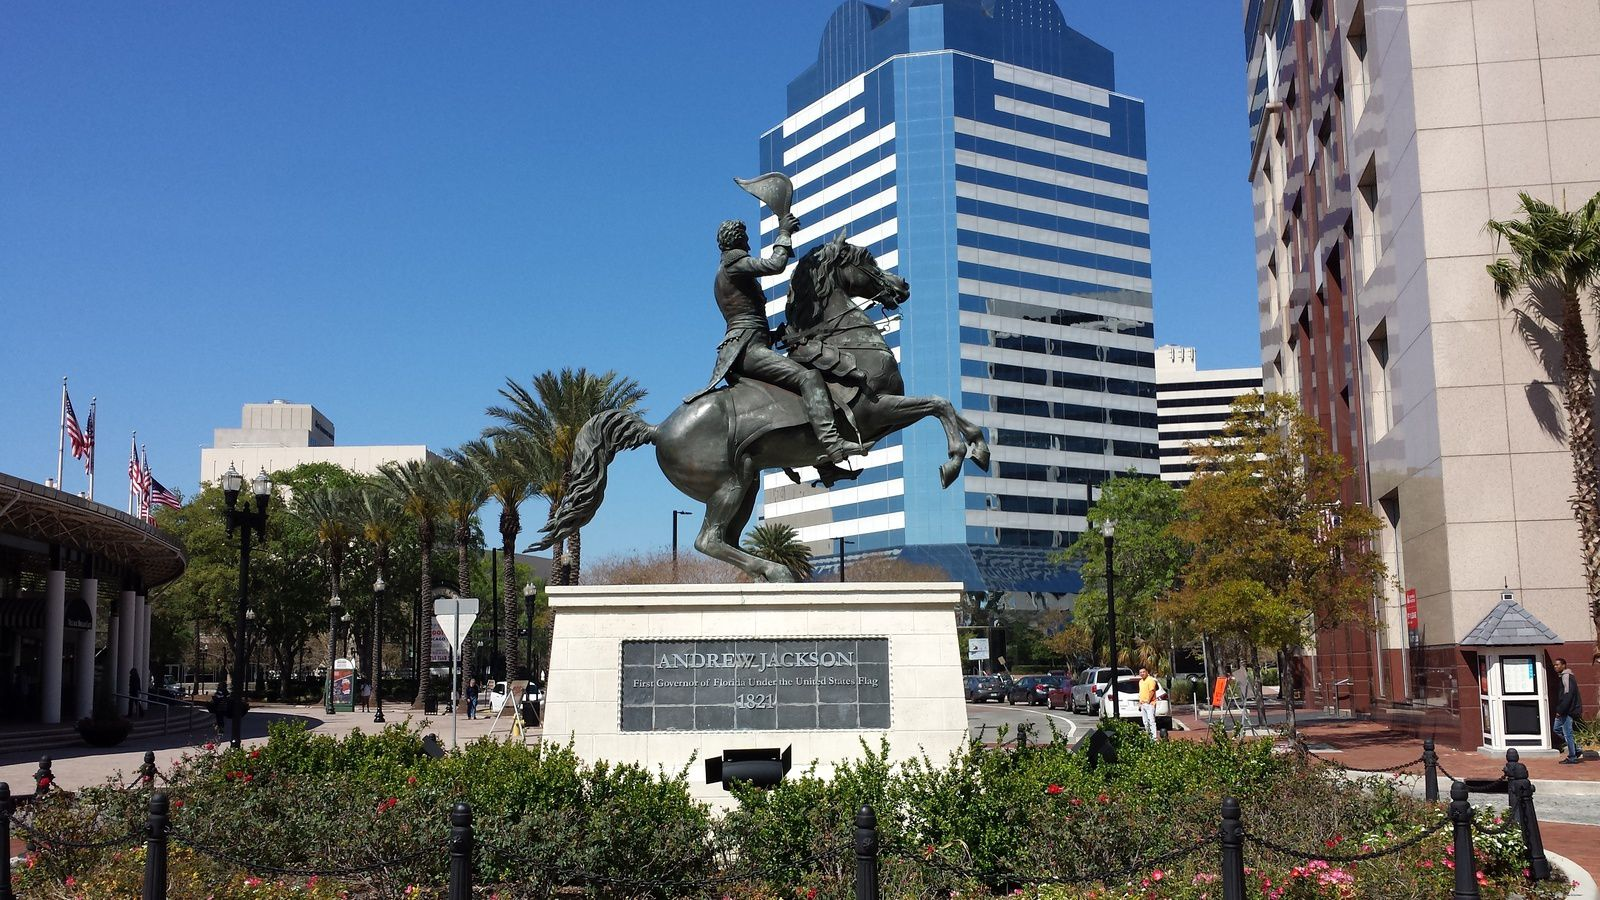 La ville de Jacksonville et son fondateur